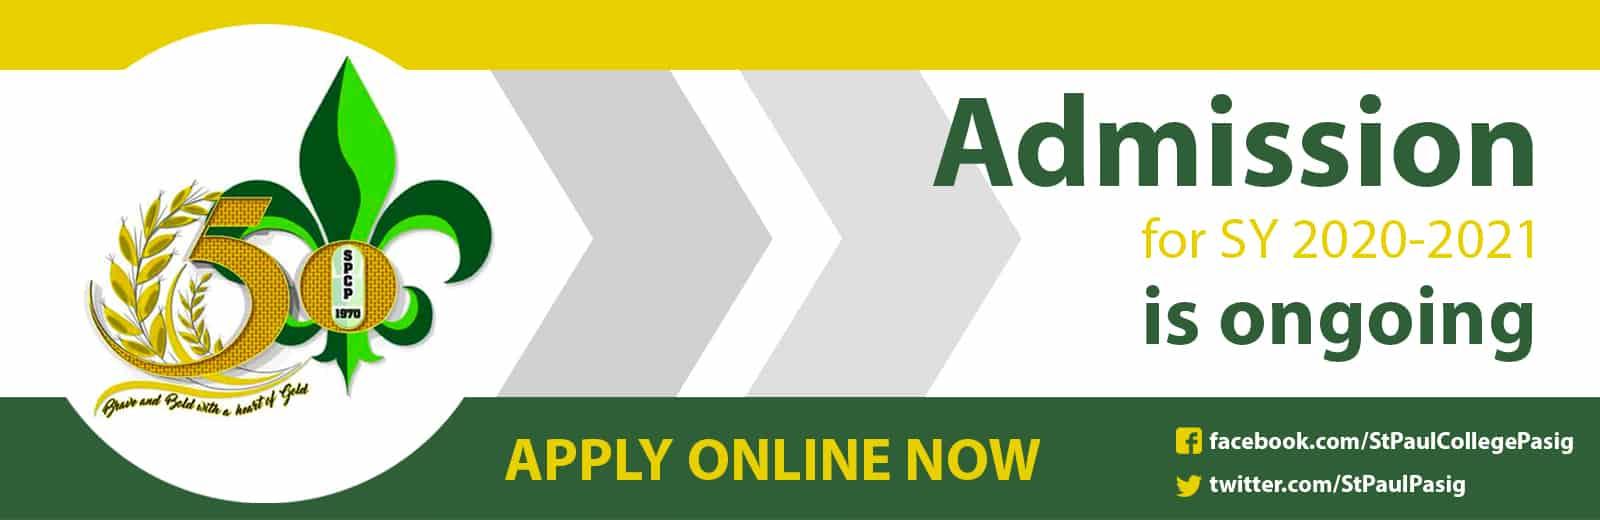 online_admission_banner